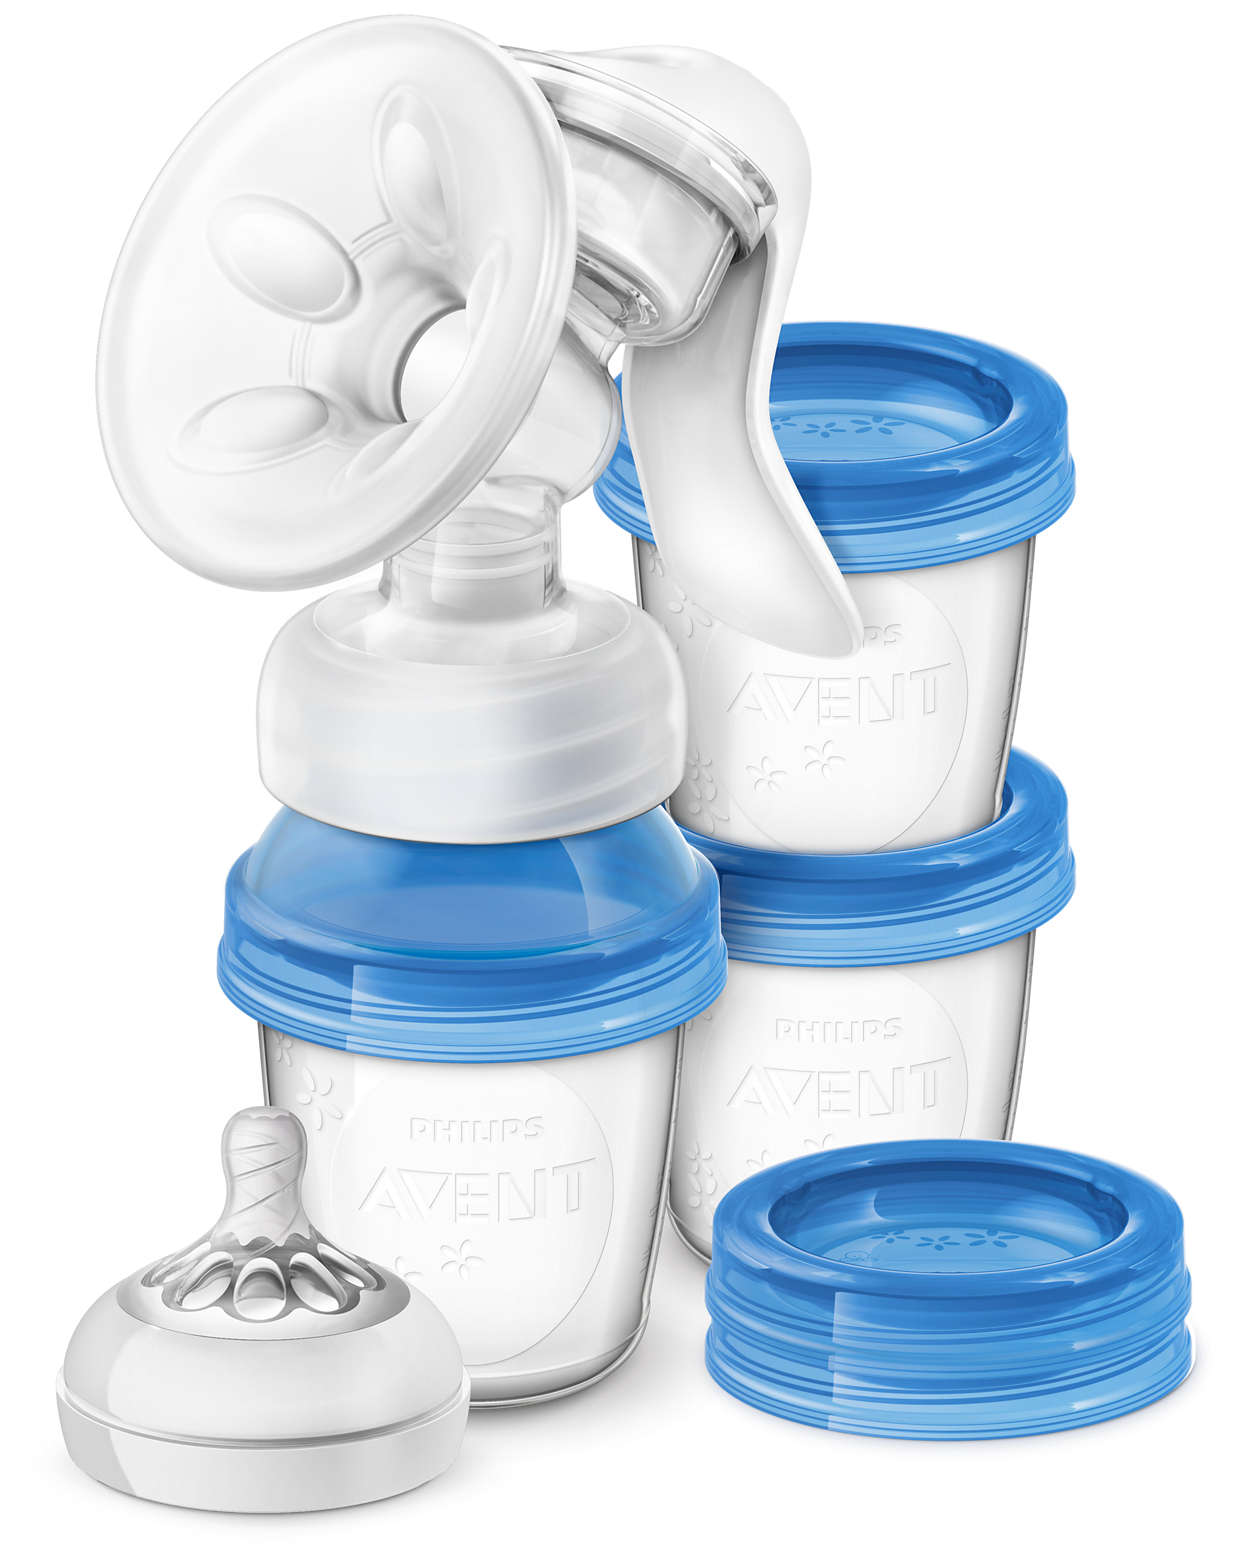 Mlijeko za bebu i udobnost za majku